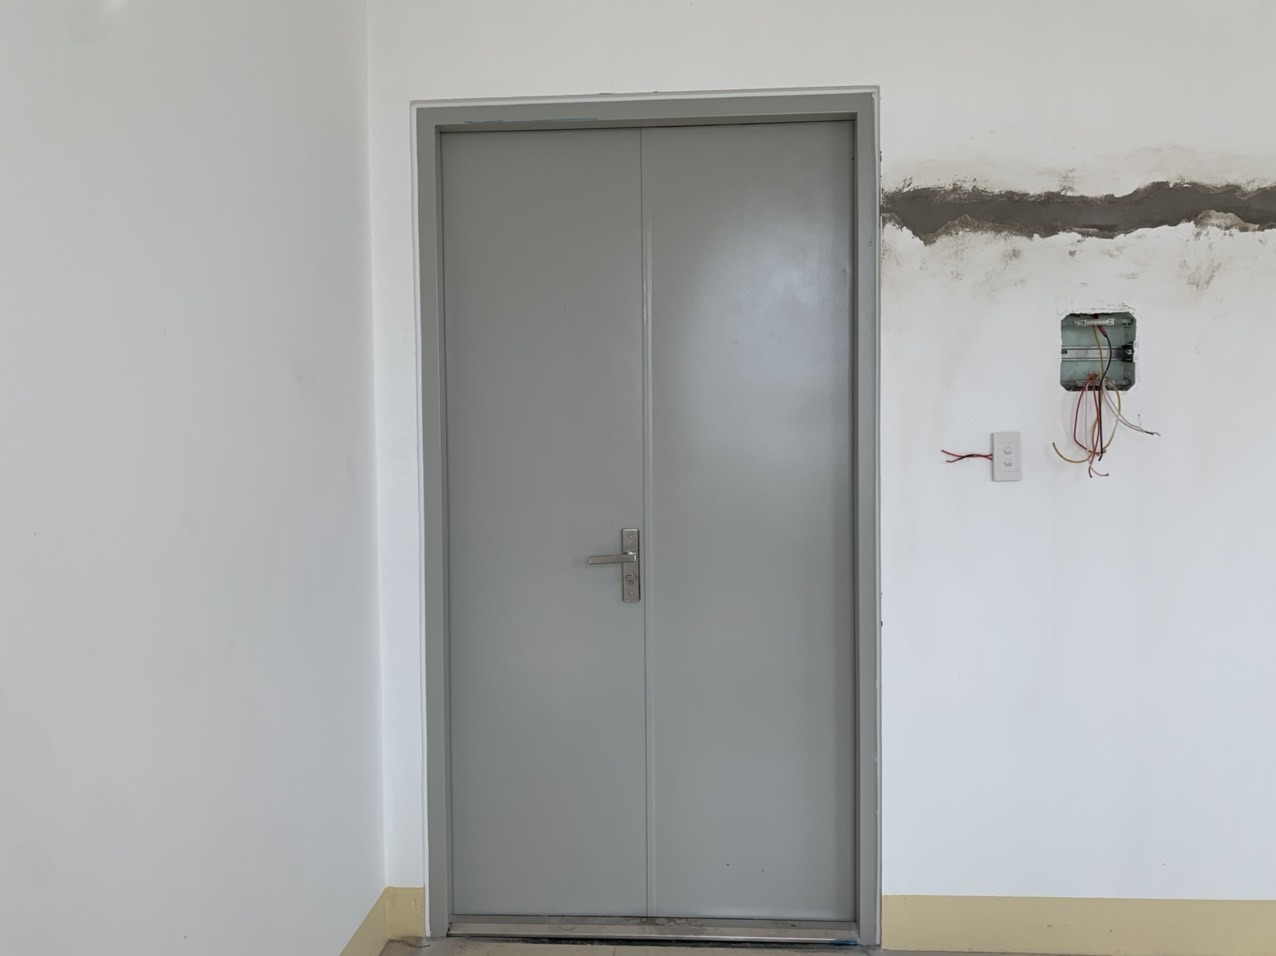 Tiêu chuẩn cửa chống cháy đạt chuẩn lắp đặt cho công trình